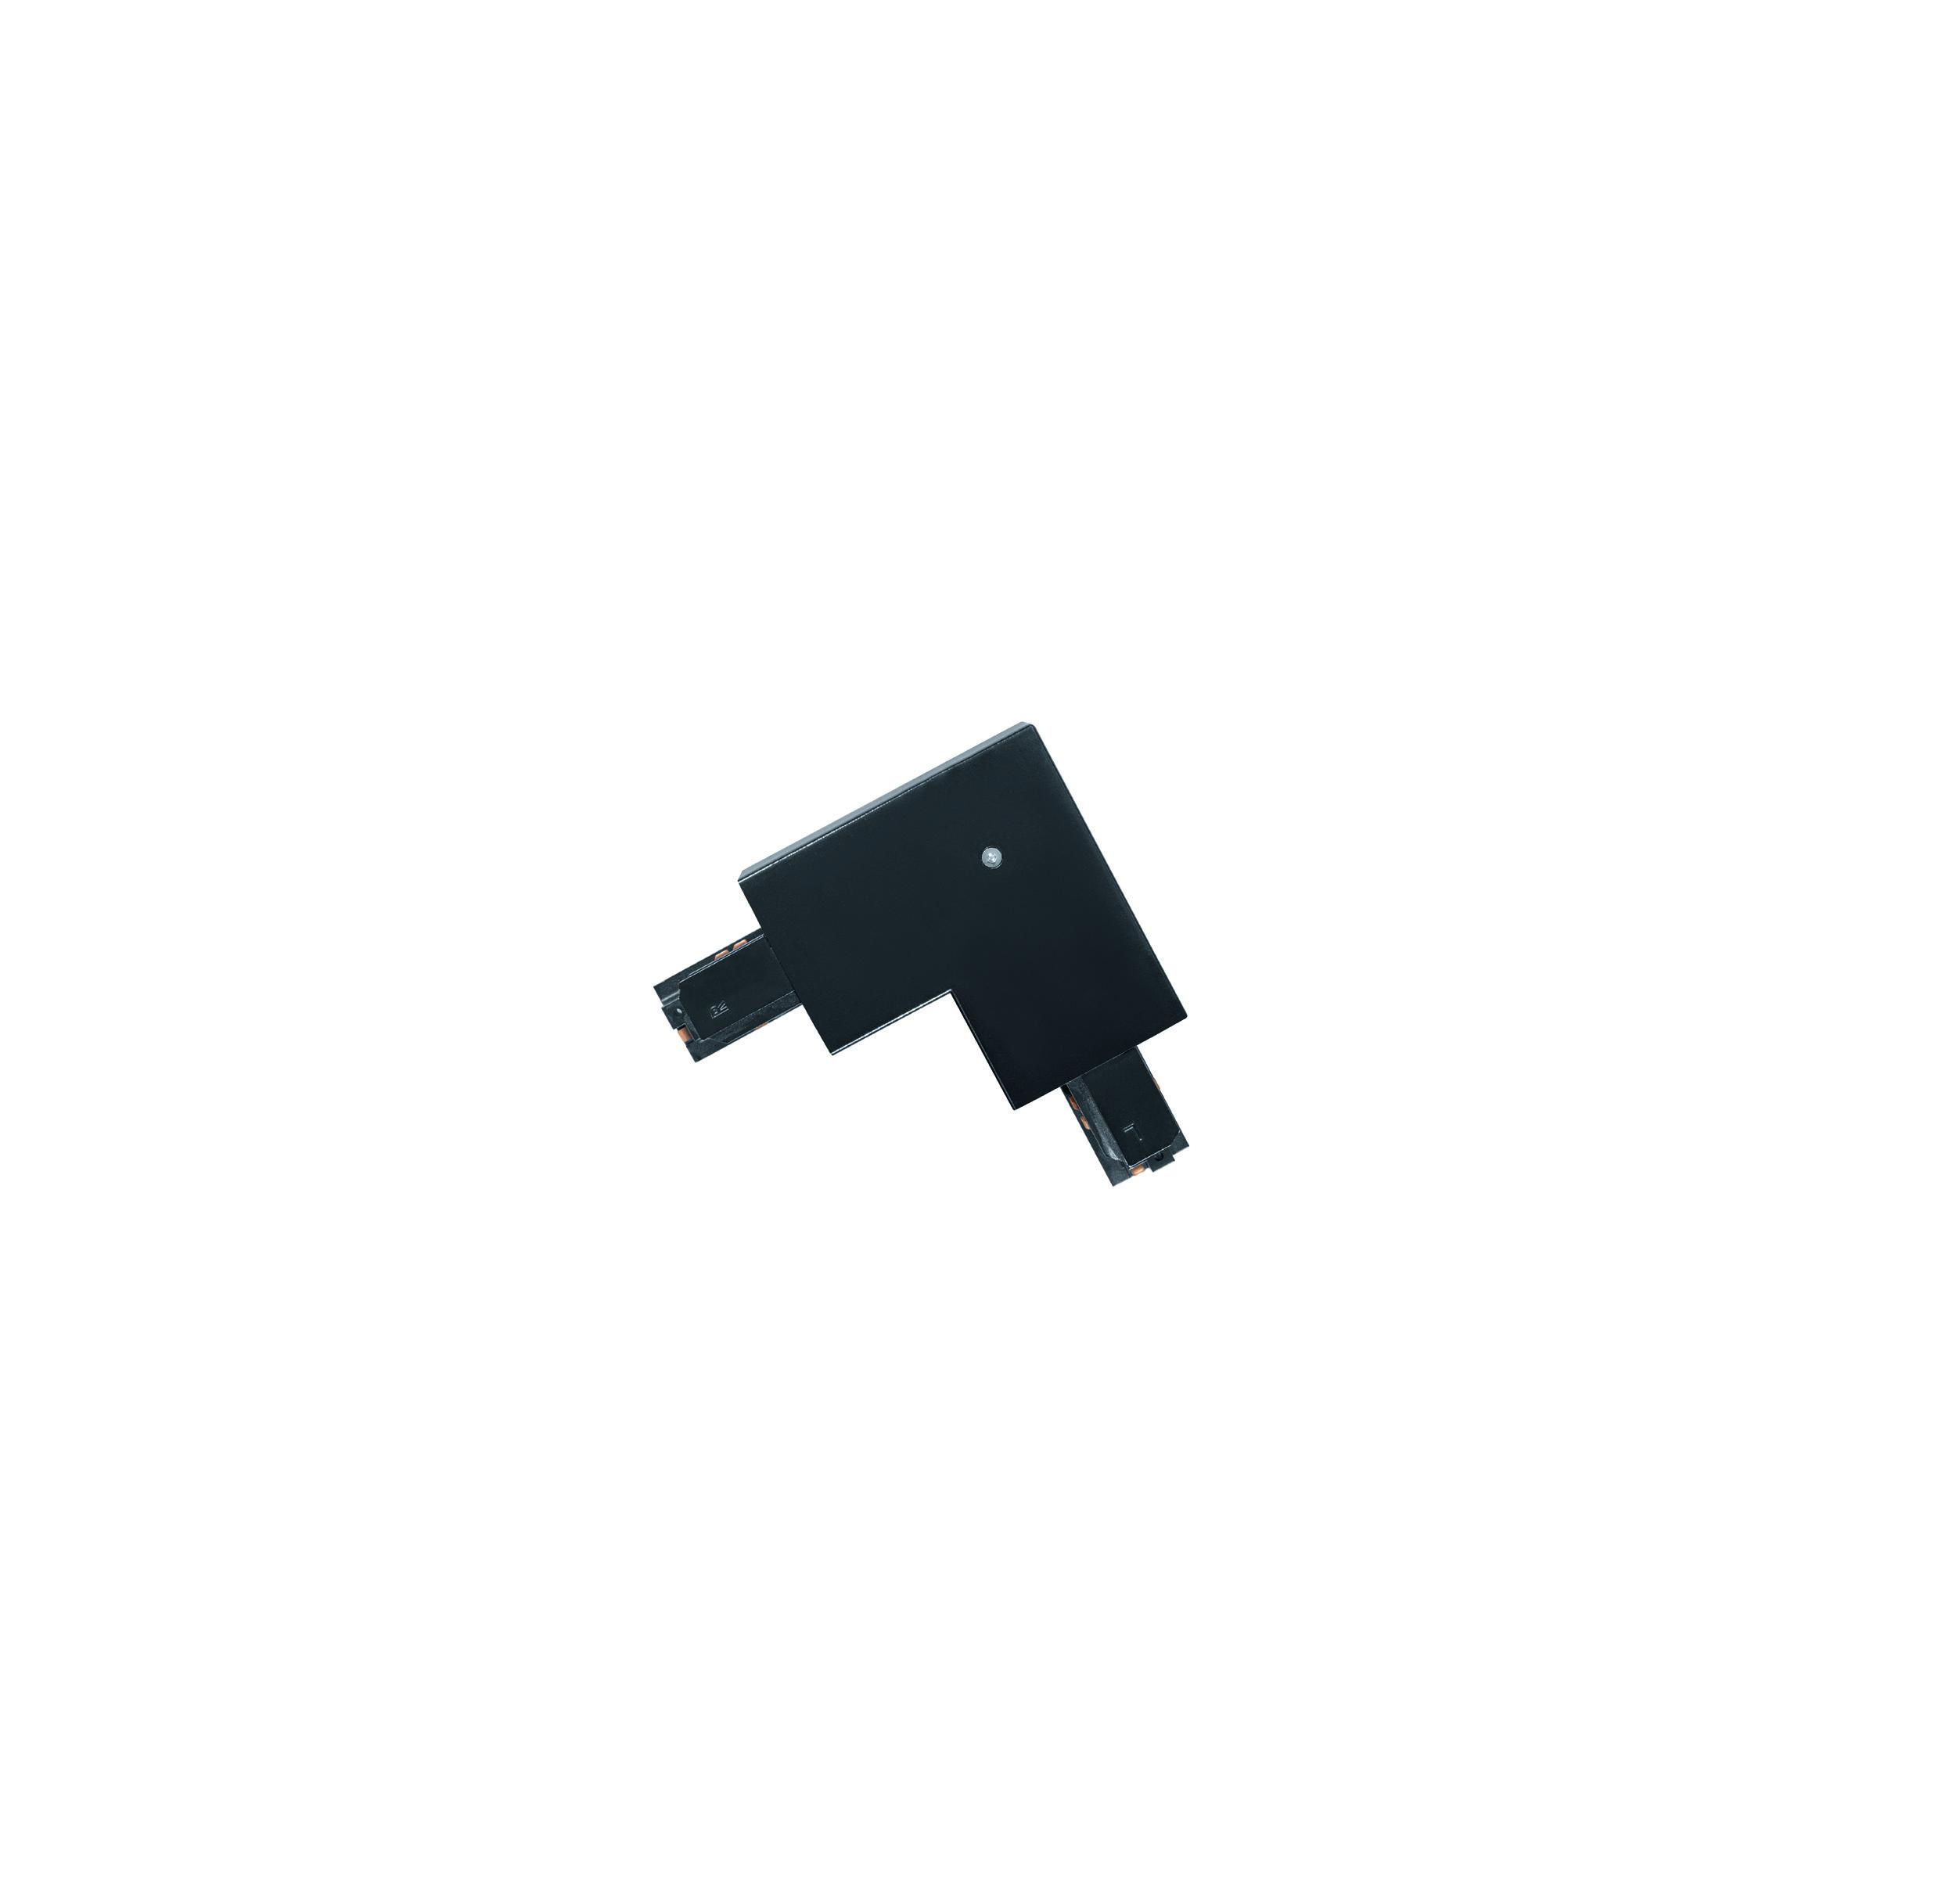 1 Stk 3-Phasen 90° Verbinder Einbau schwarz, Kunststoff, innen LI60744---